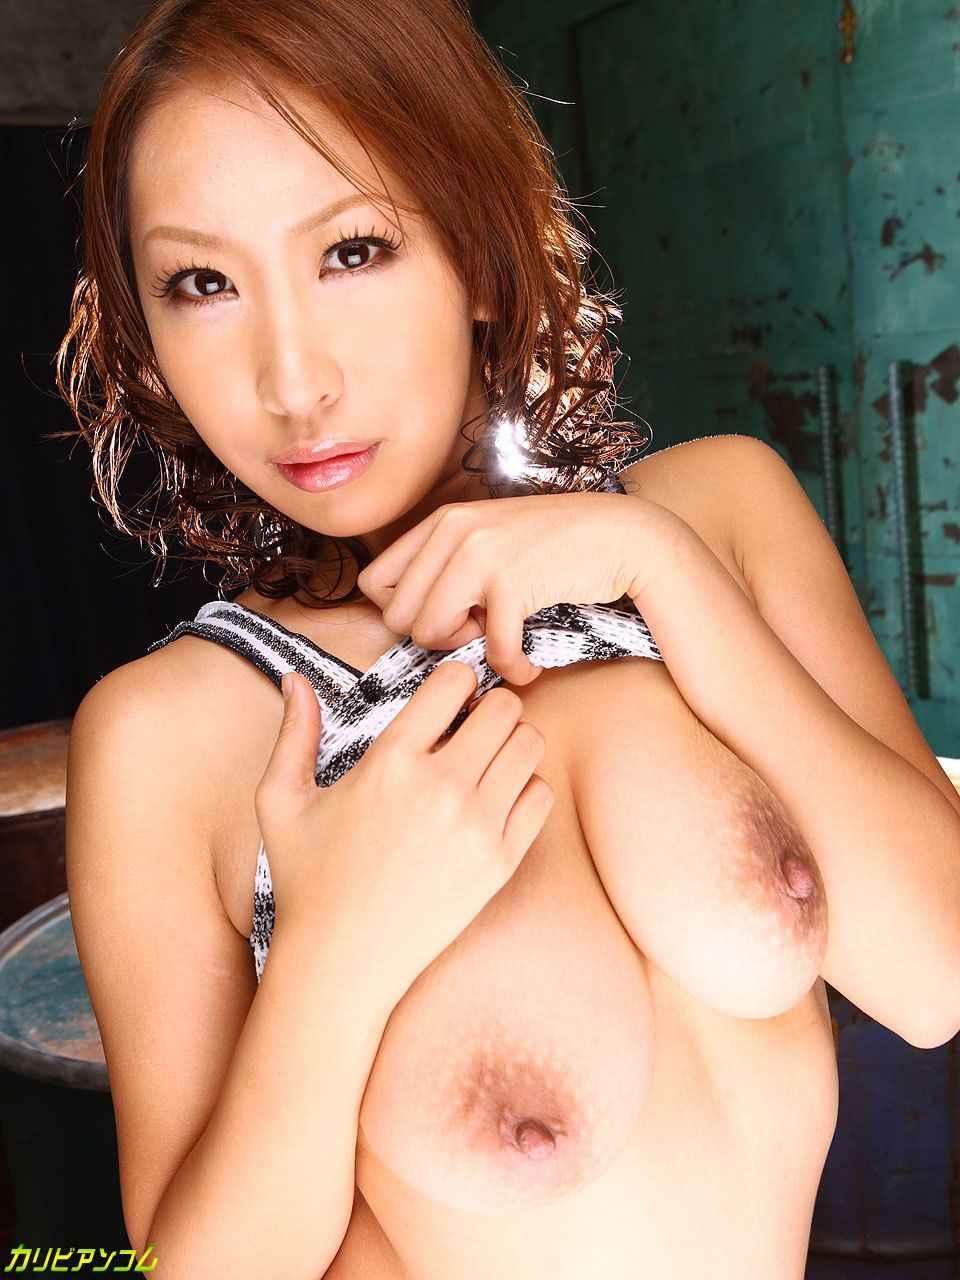 g_big004.jpg